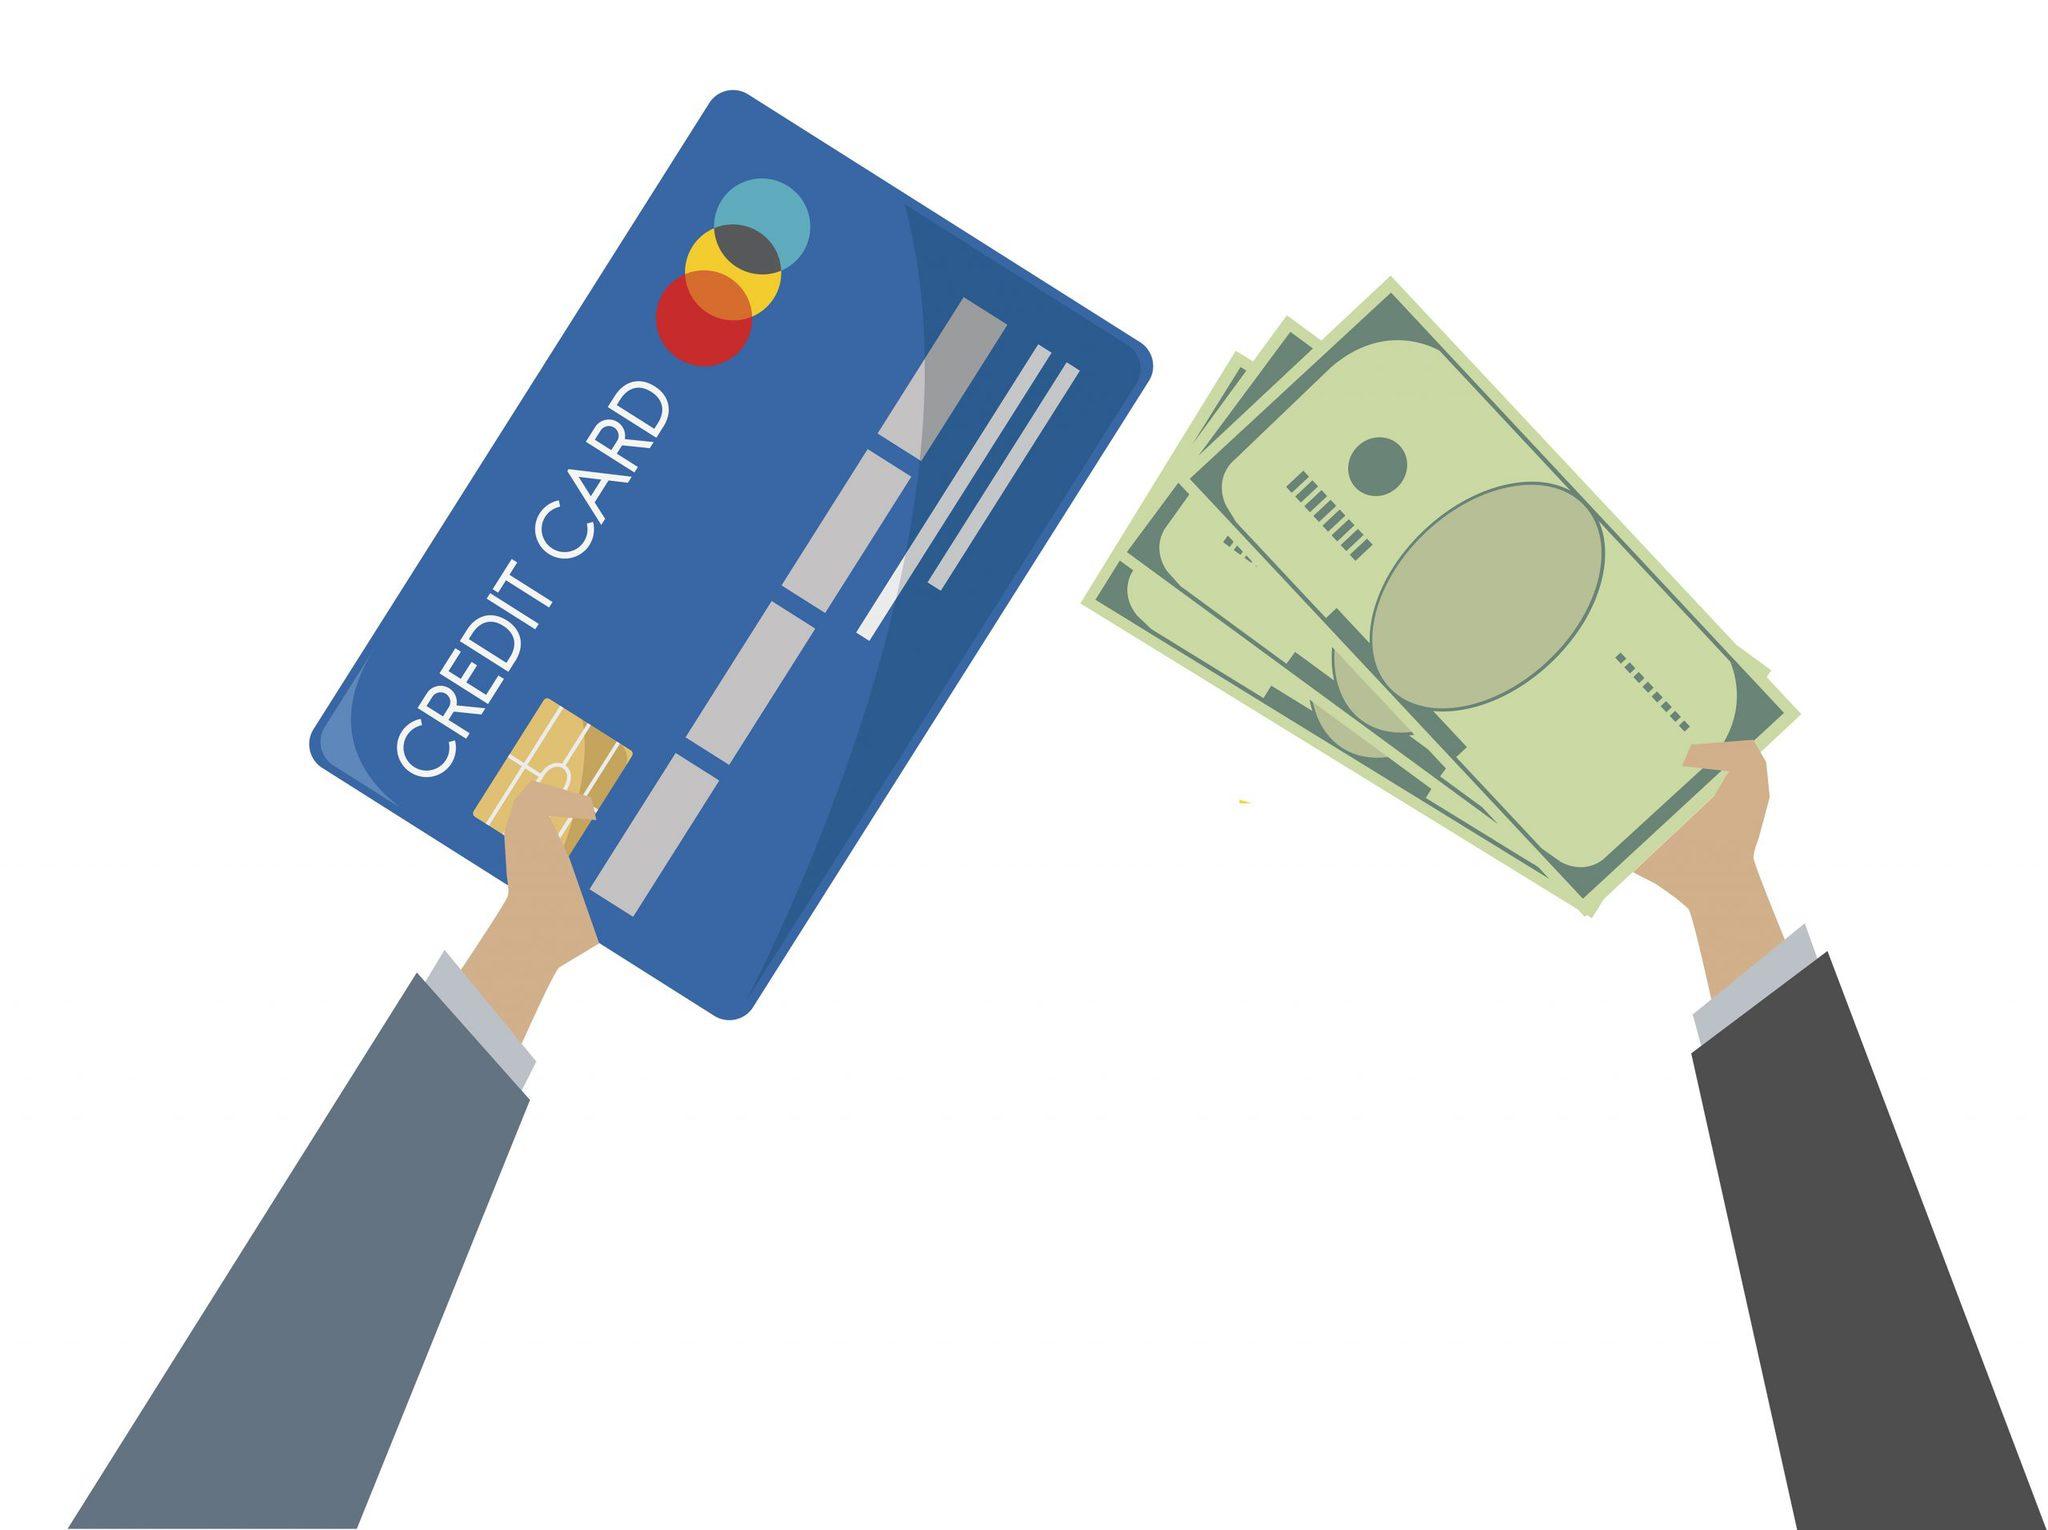 Tiền vật chất và tiền trong tài khoản online